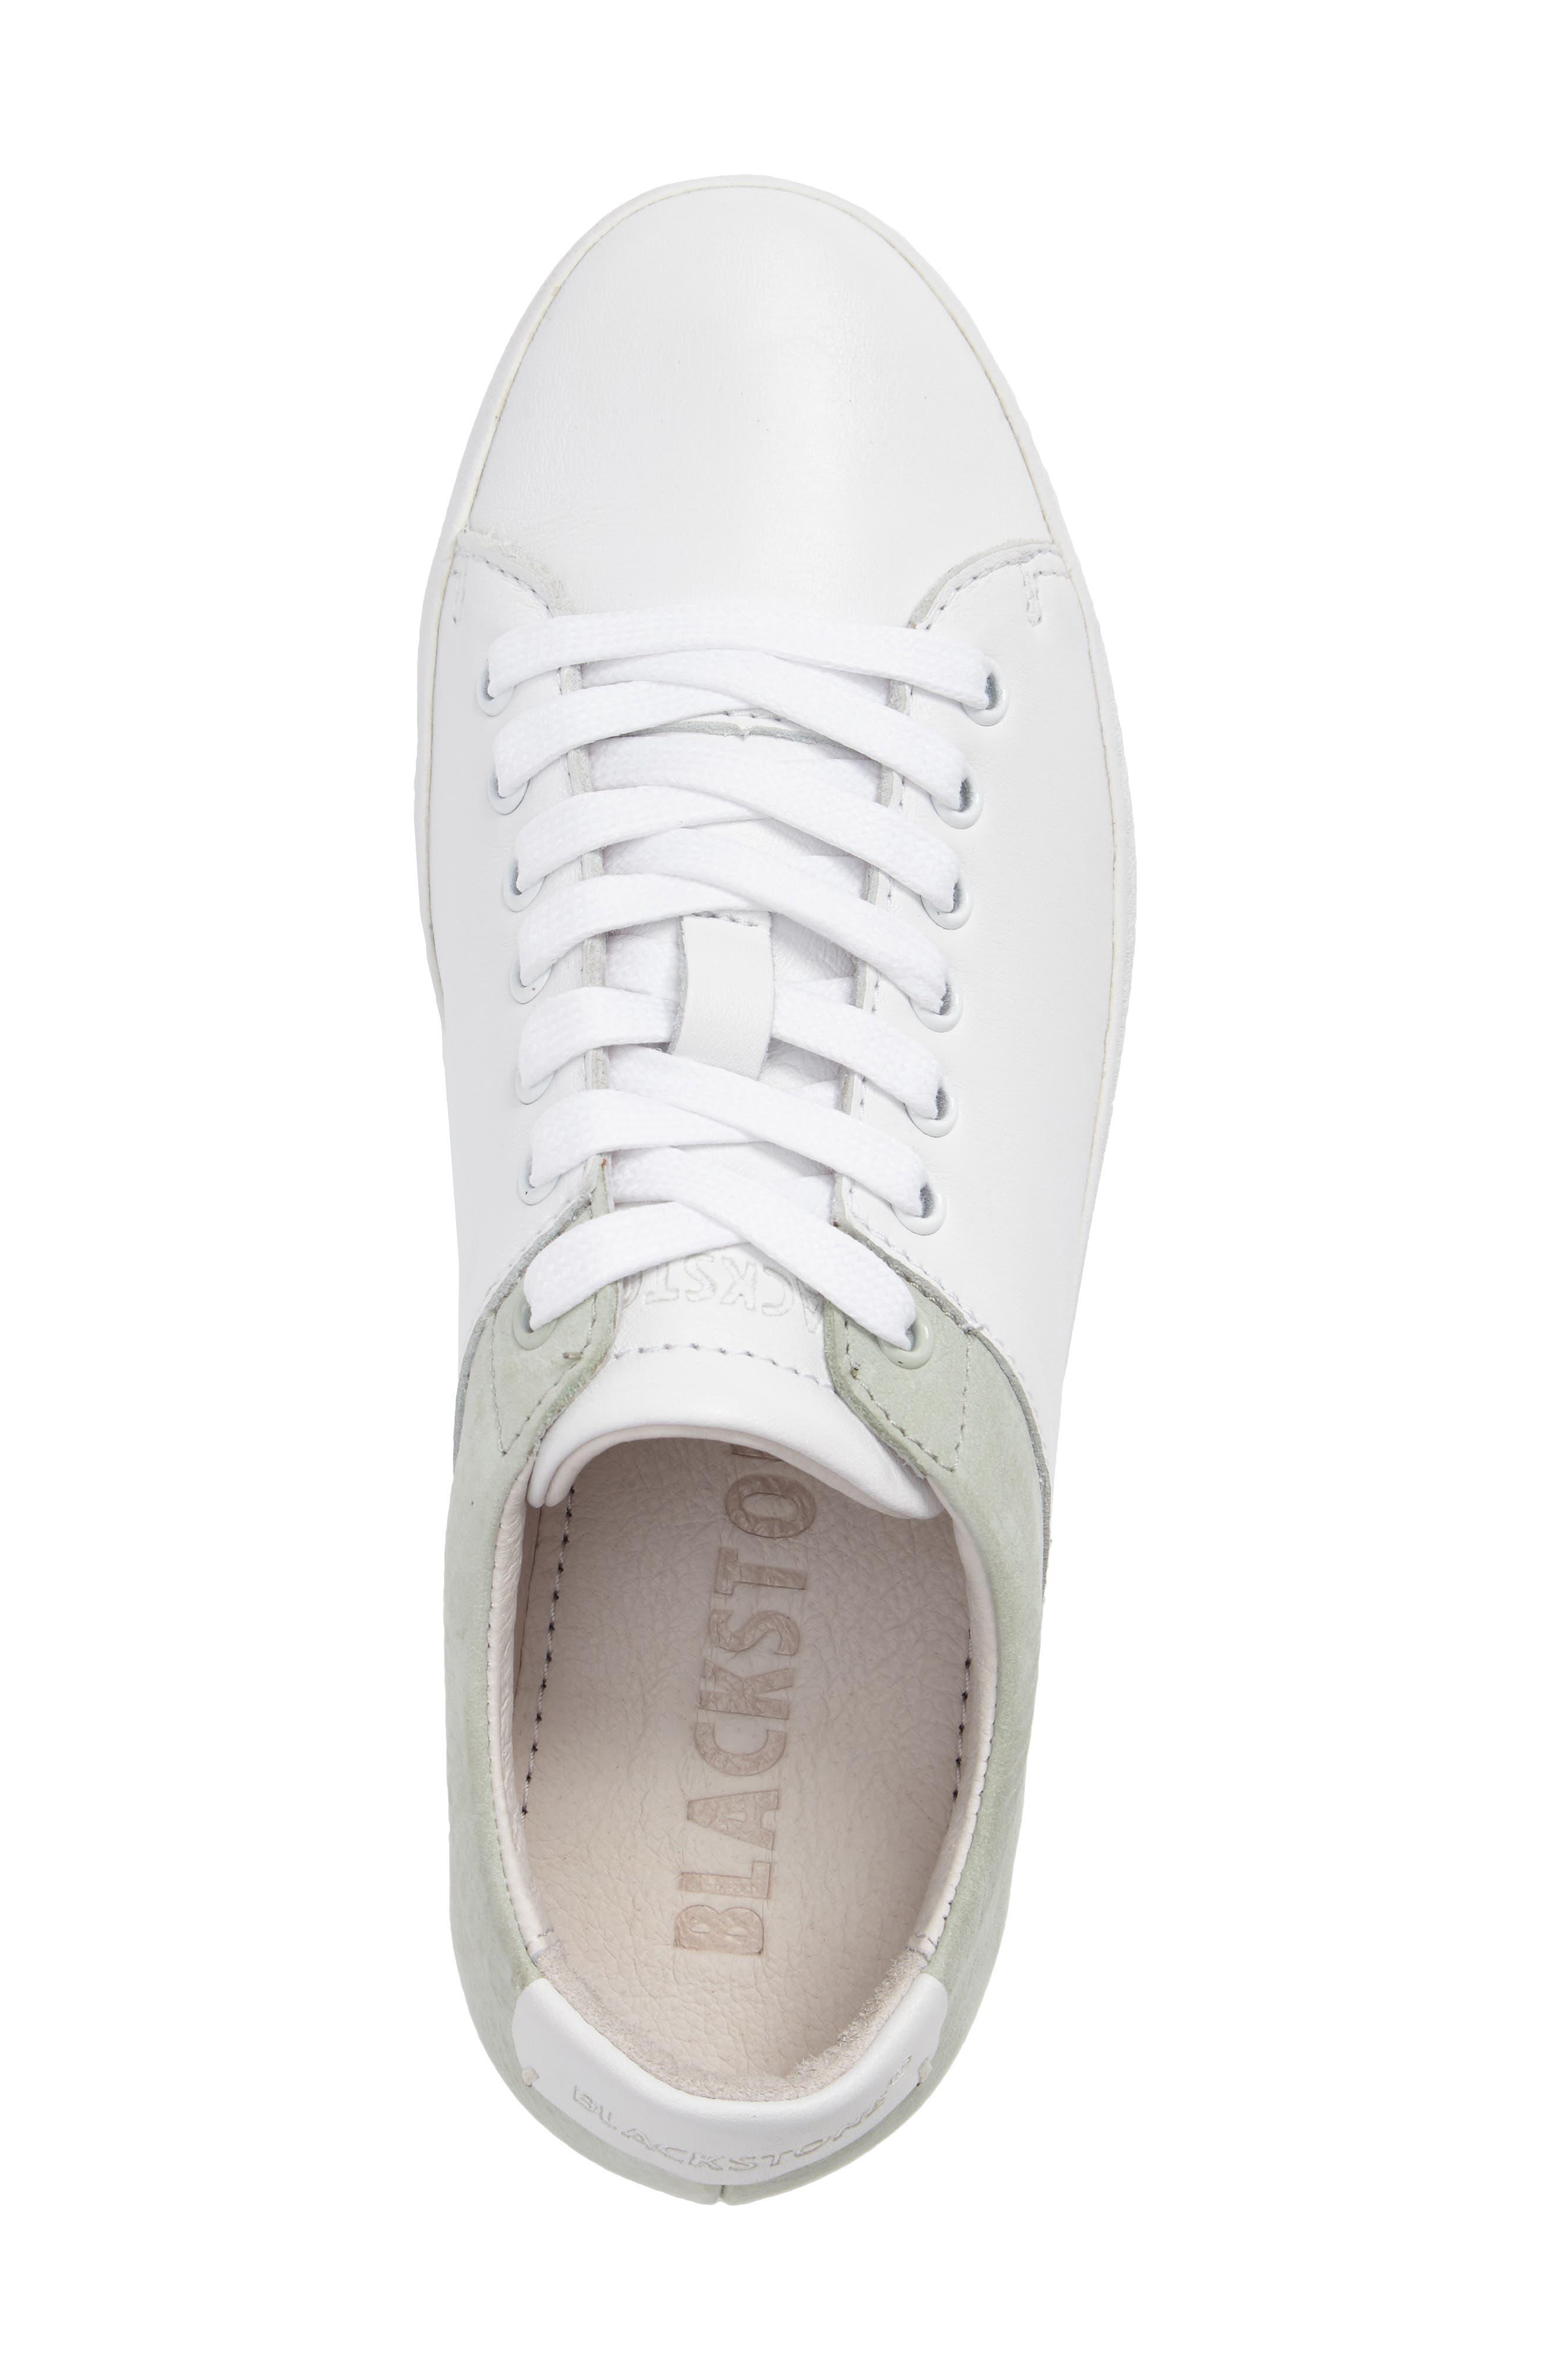 NL22 Sneaker,                             Alternate thumbnail 3, color,                             100